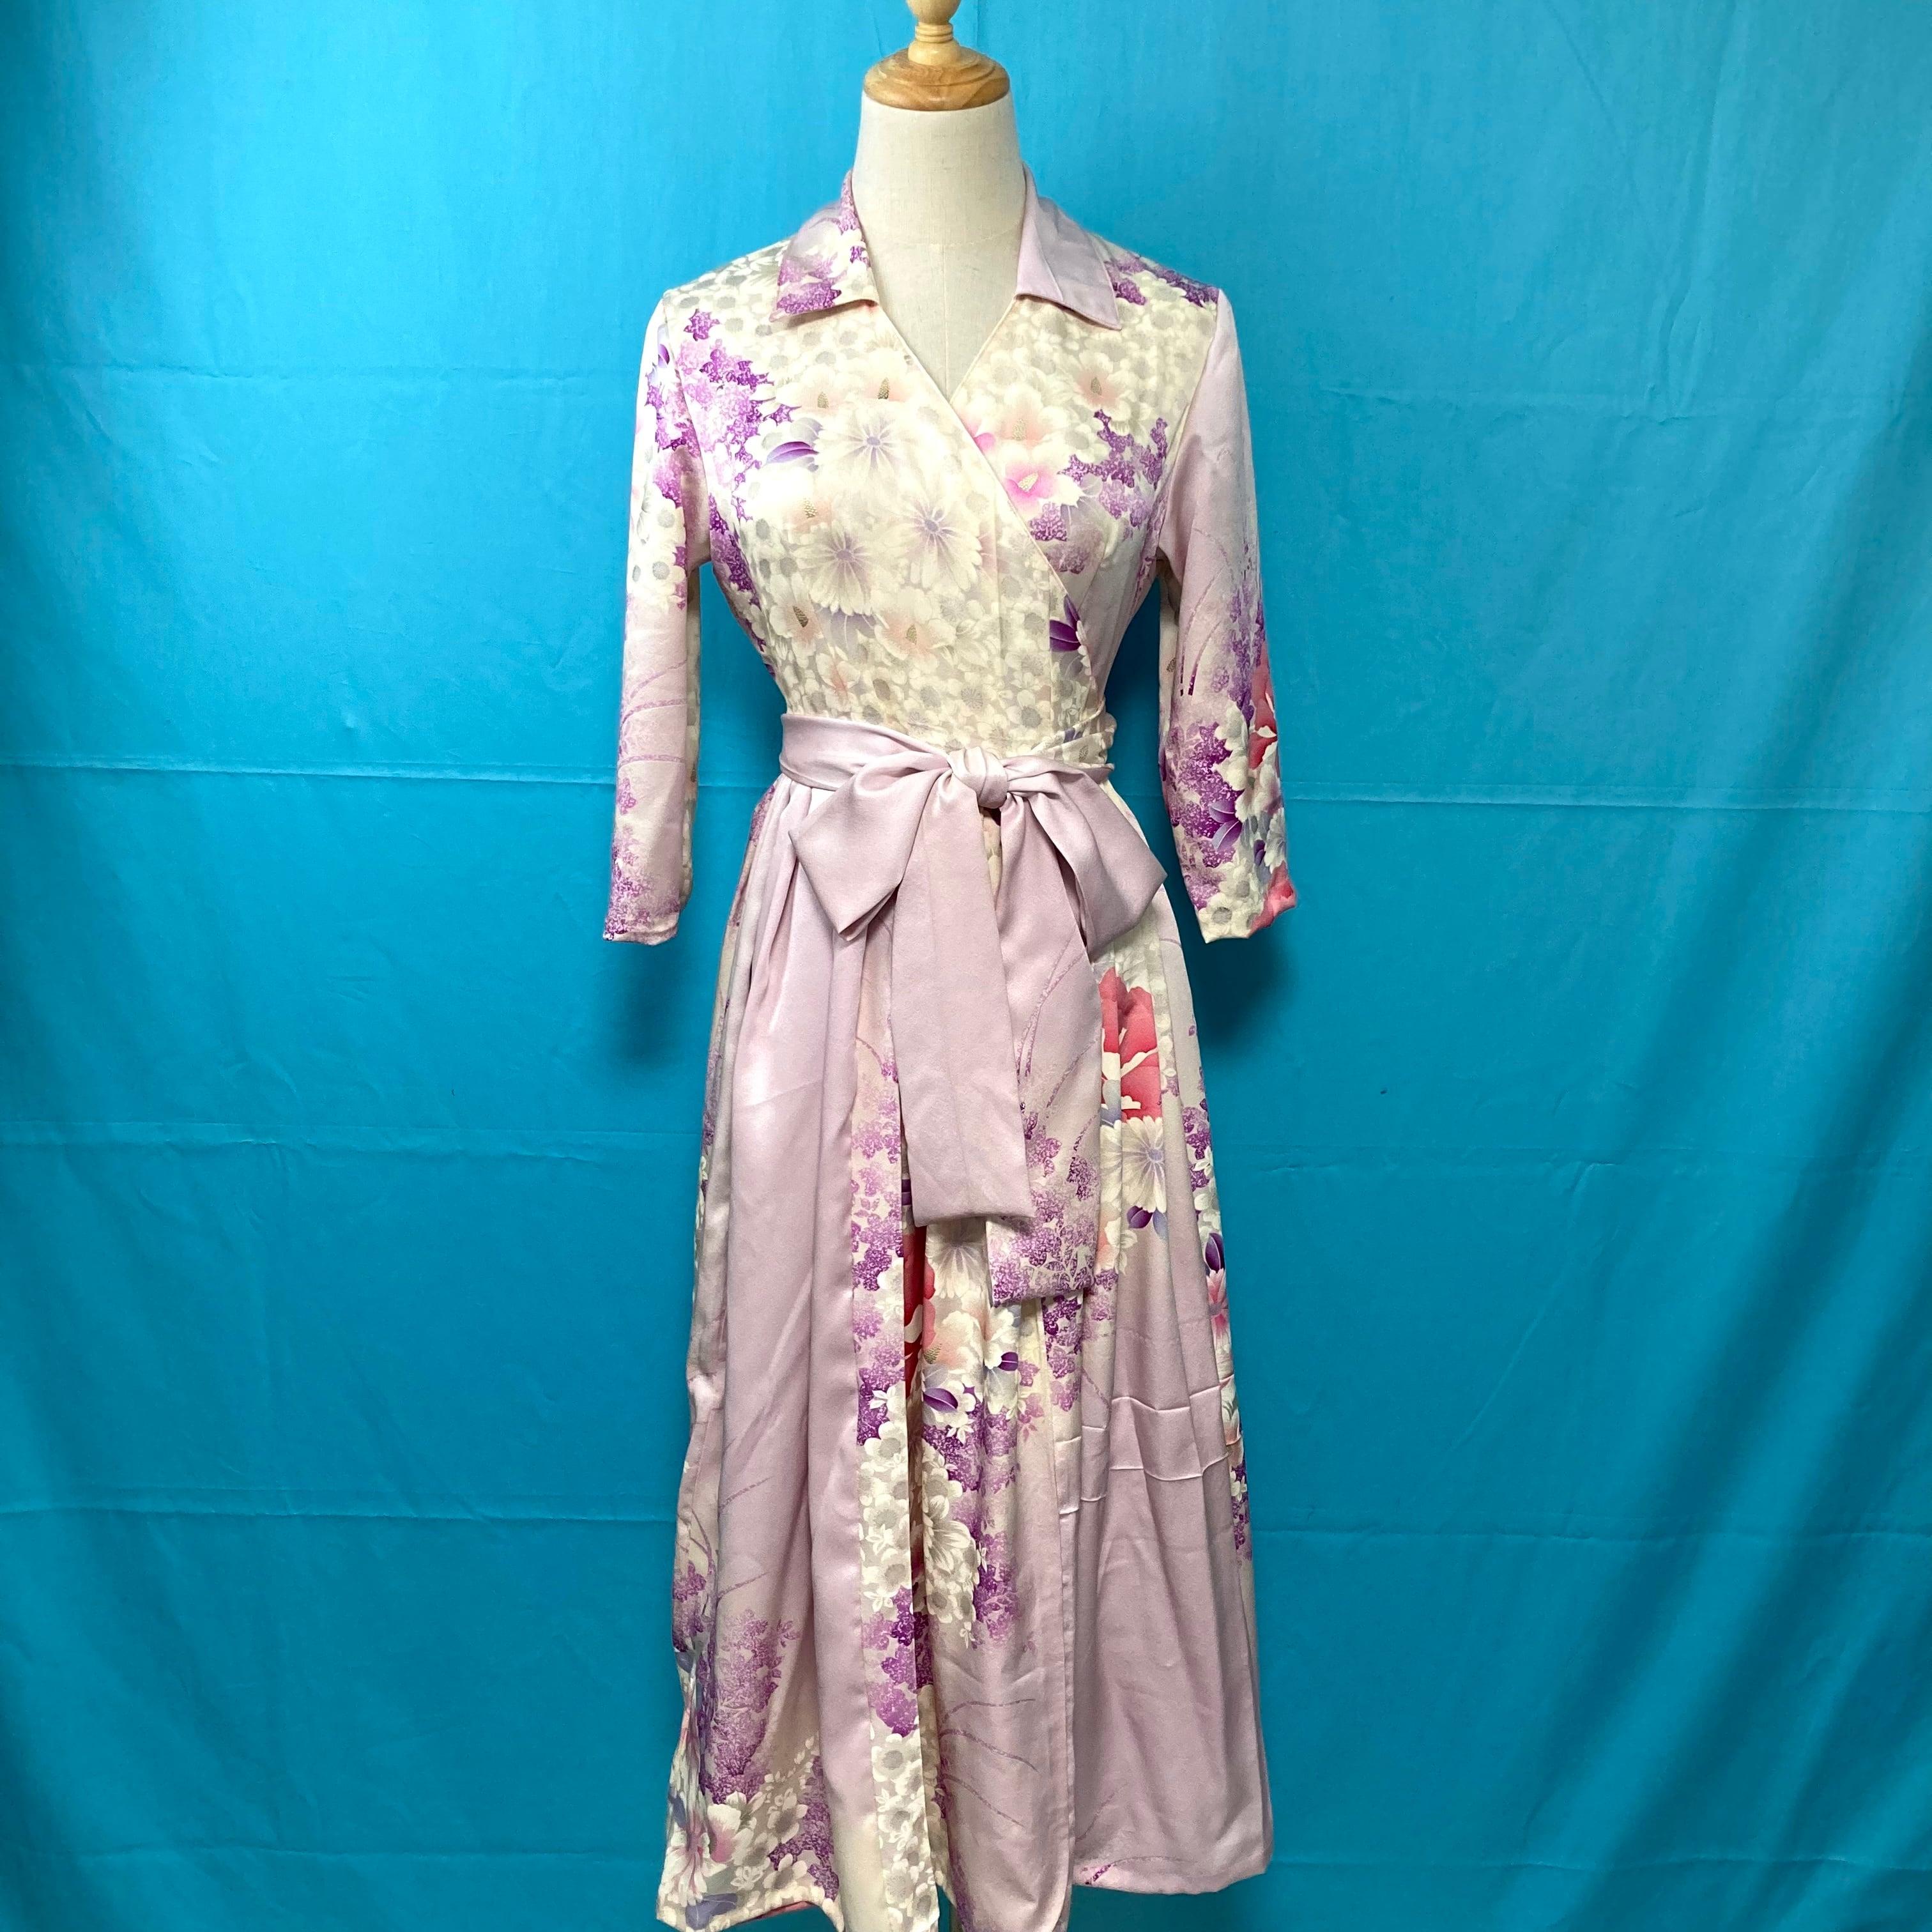 Vintage embroidery kimono wrap dress/ US 6